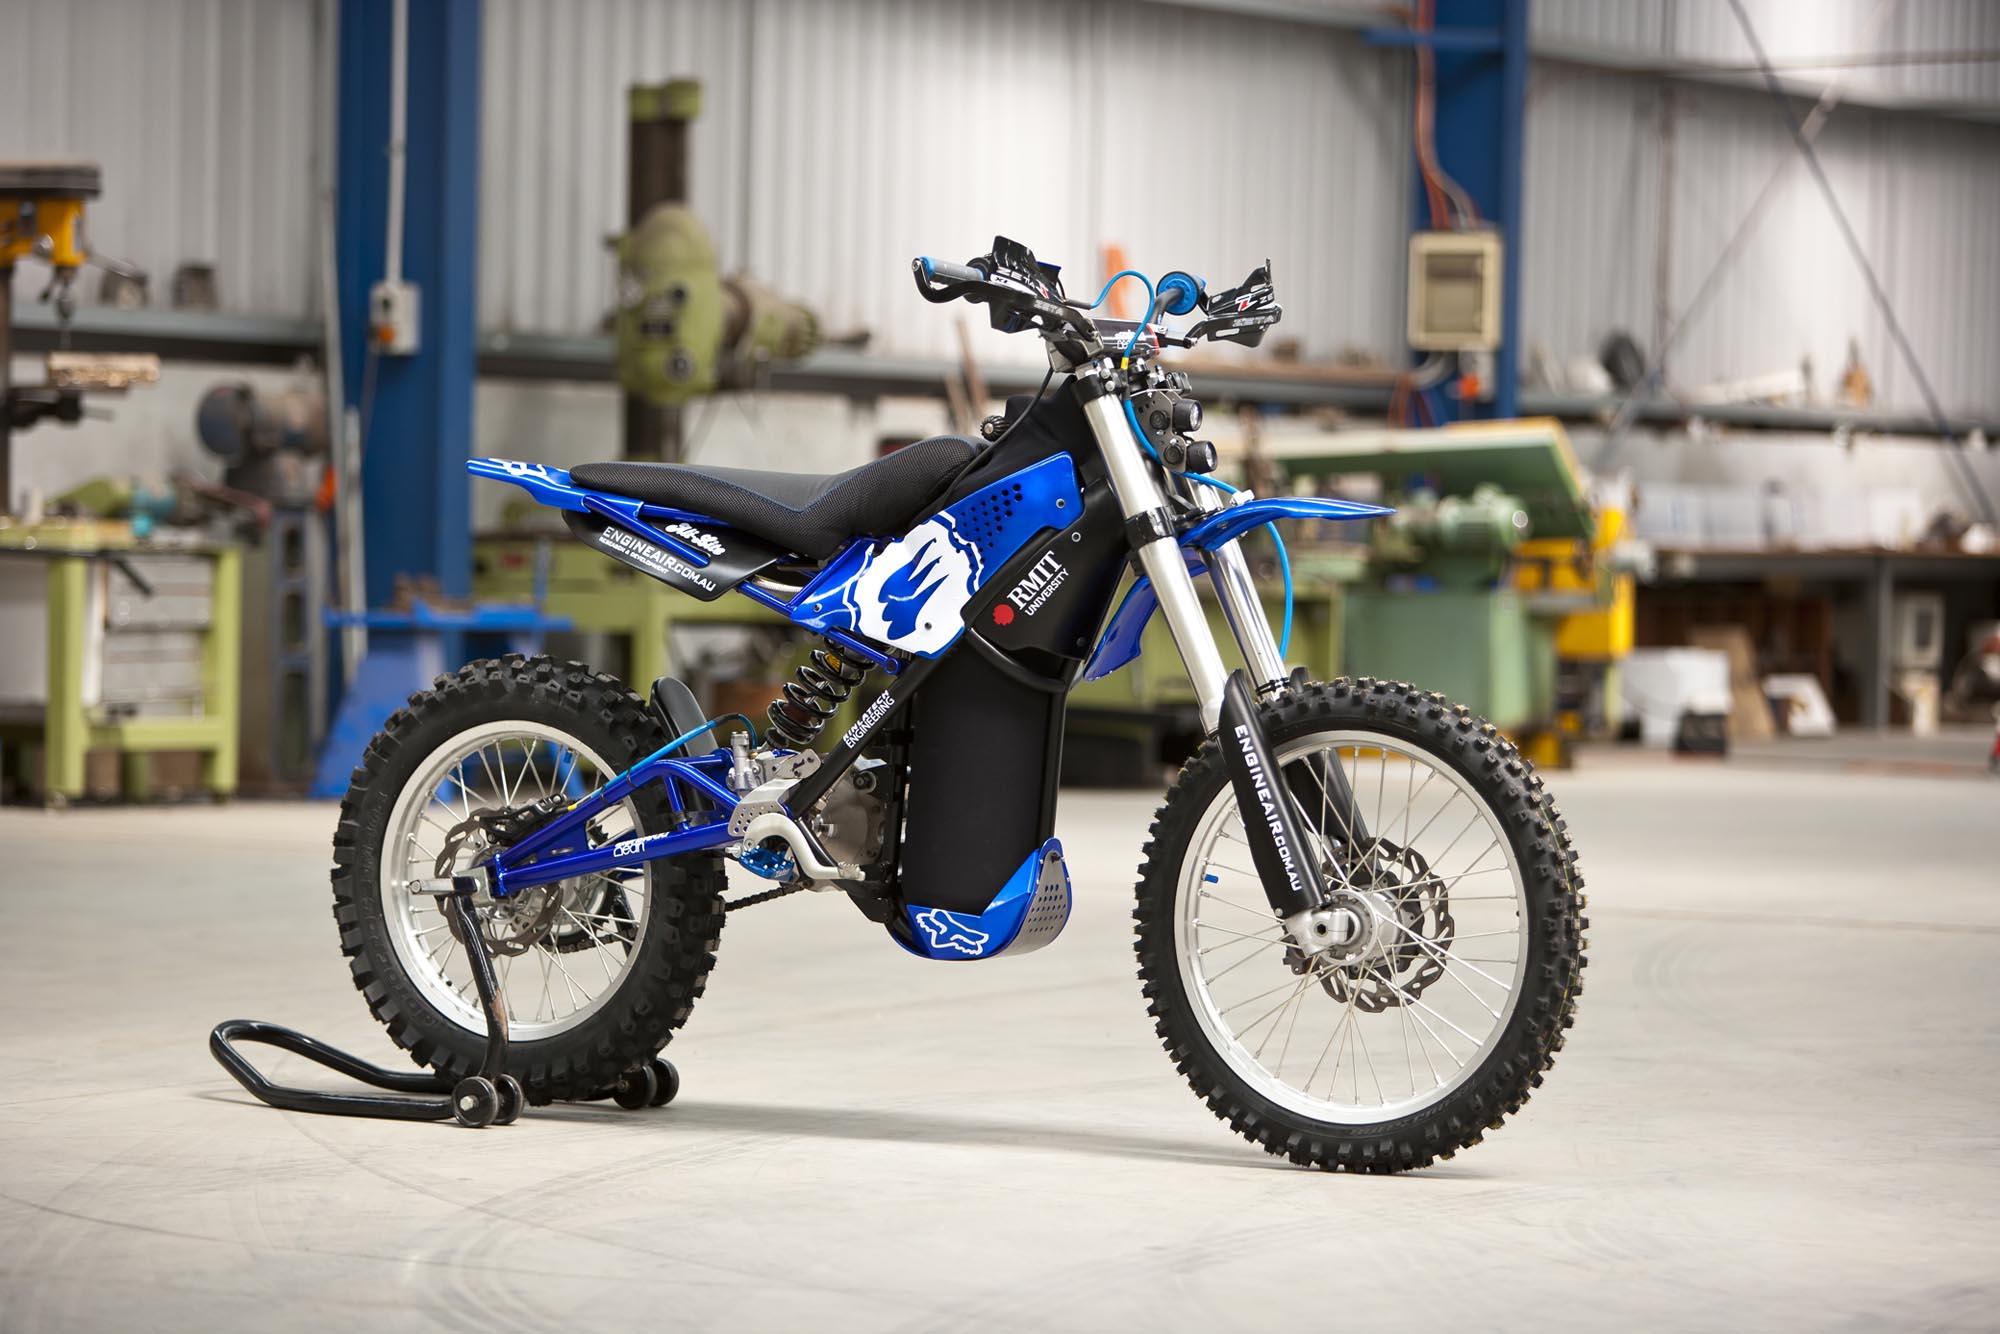 O2 Pursuit An Air Powered Dirt Bike Asphalt Rubber